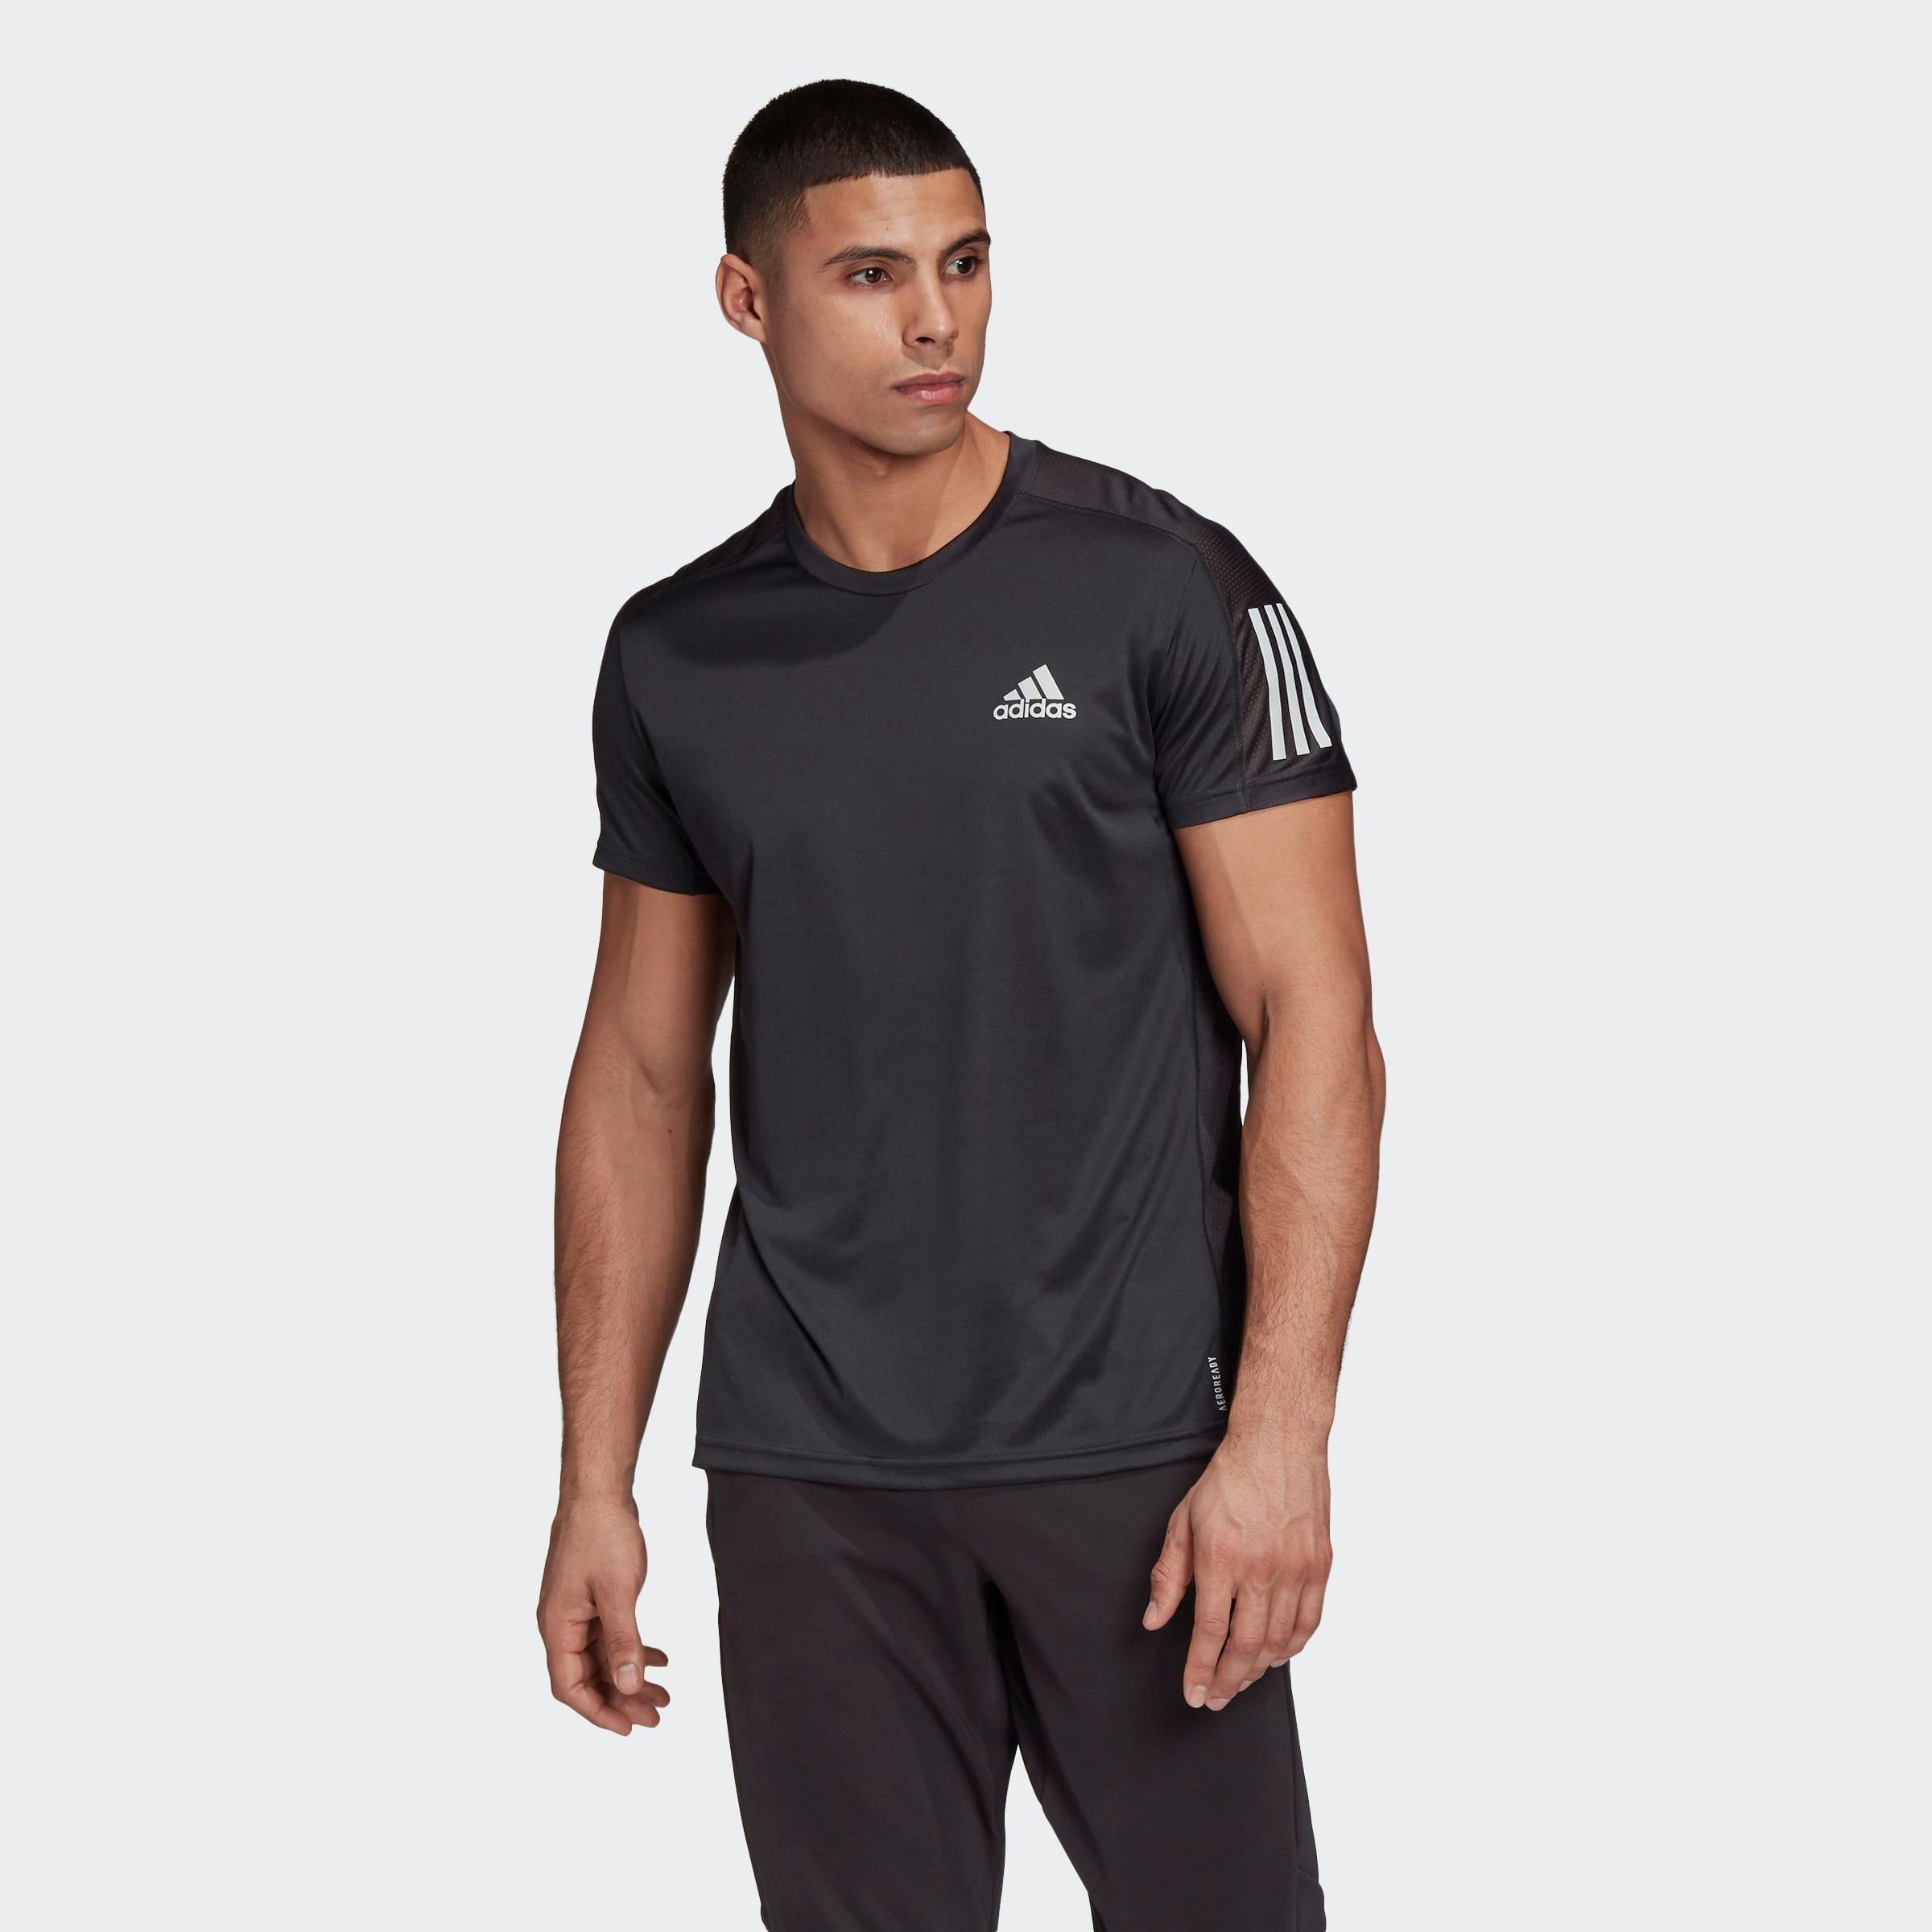 adidas Performance Runningshirt ADIDAS OWN THE RUN TEE MEN - gratis ruilen op otto.nl